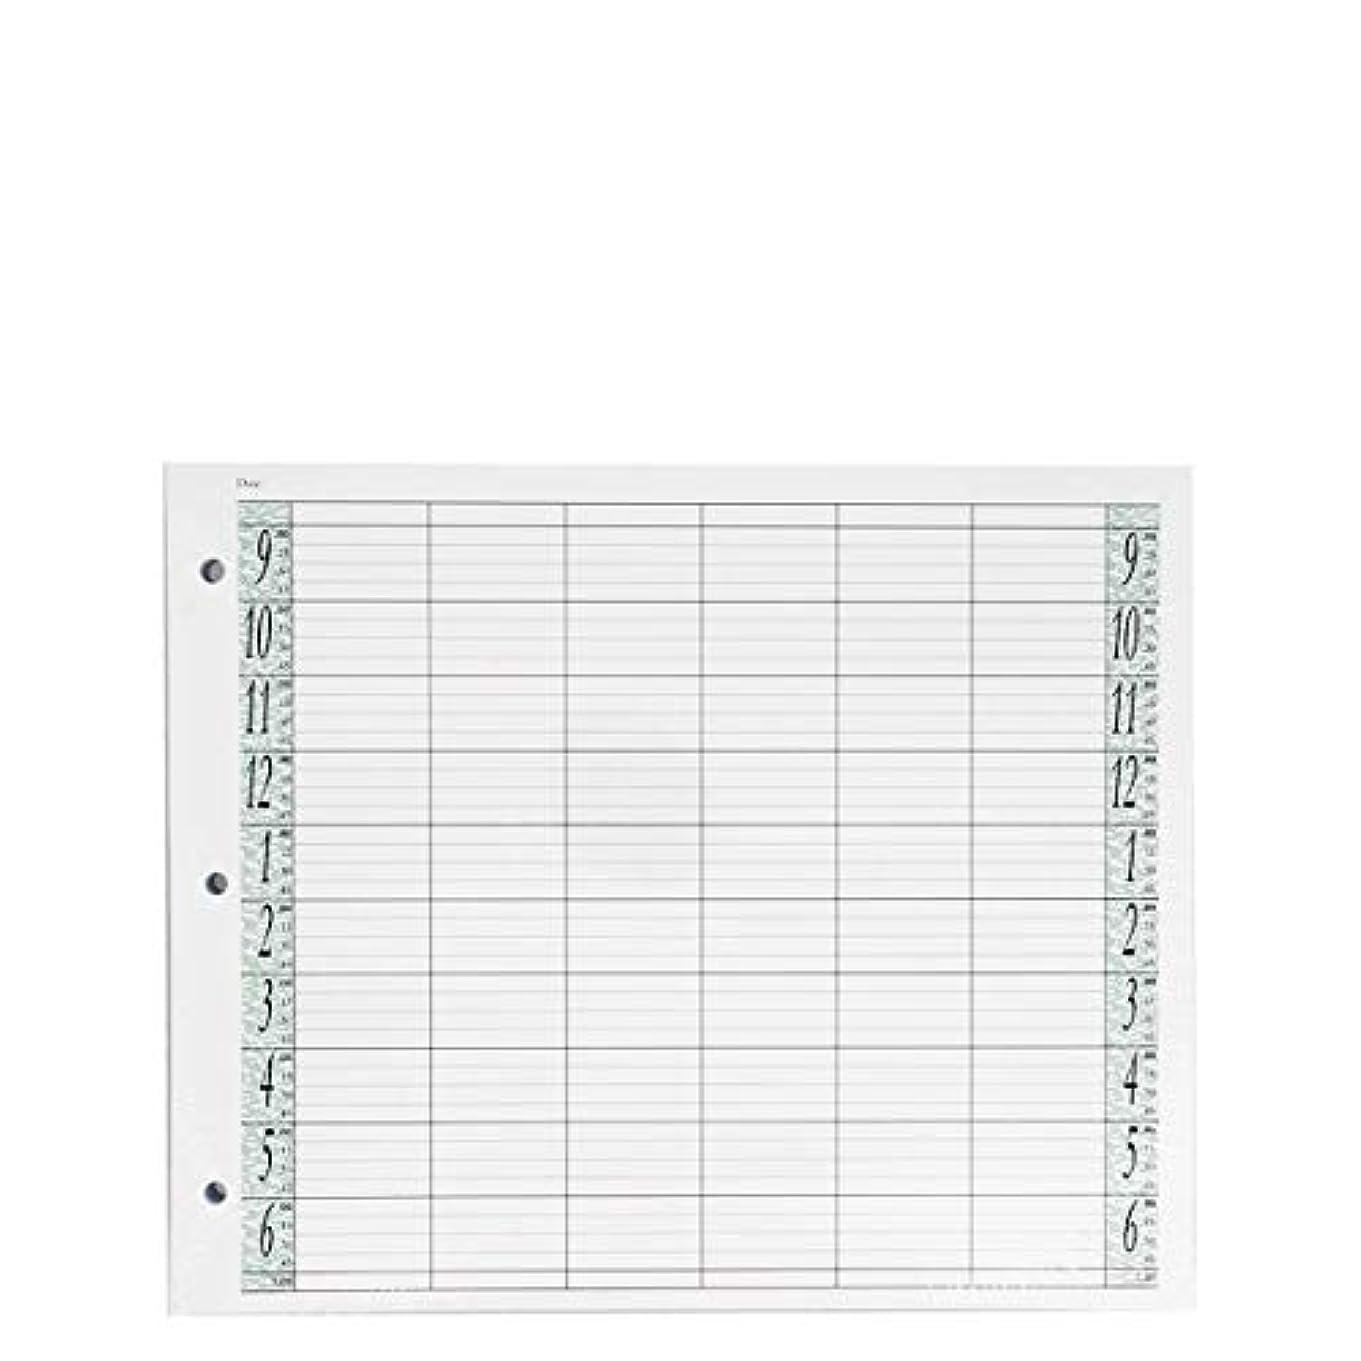 解き明かすぼかすウッズアジェンダ サロンコンセプト ルーズリーフリフィル6色100枚LL6 / Z3[海外直送品] [並行輸入品]